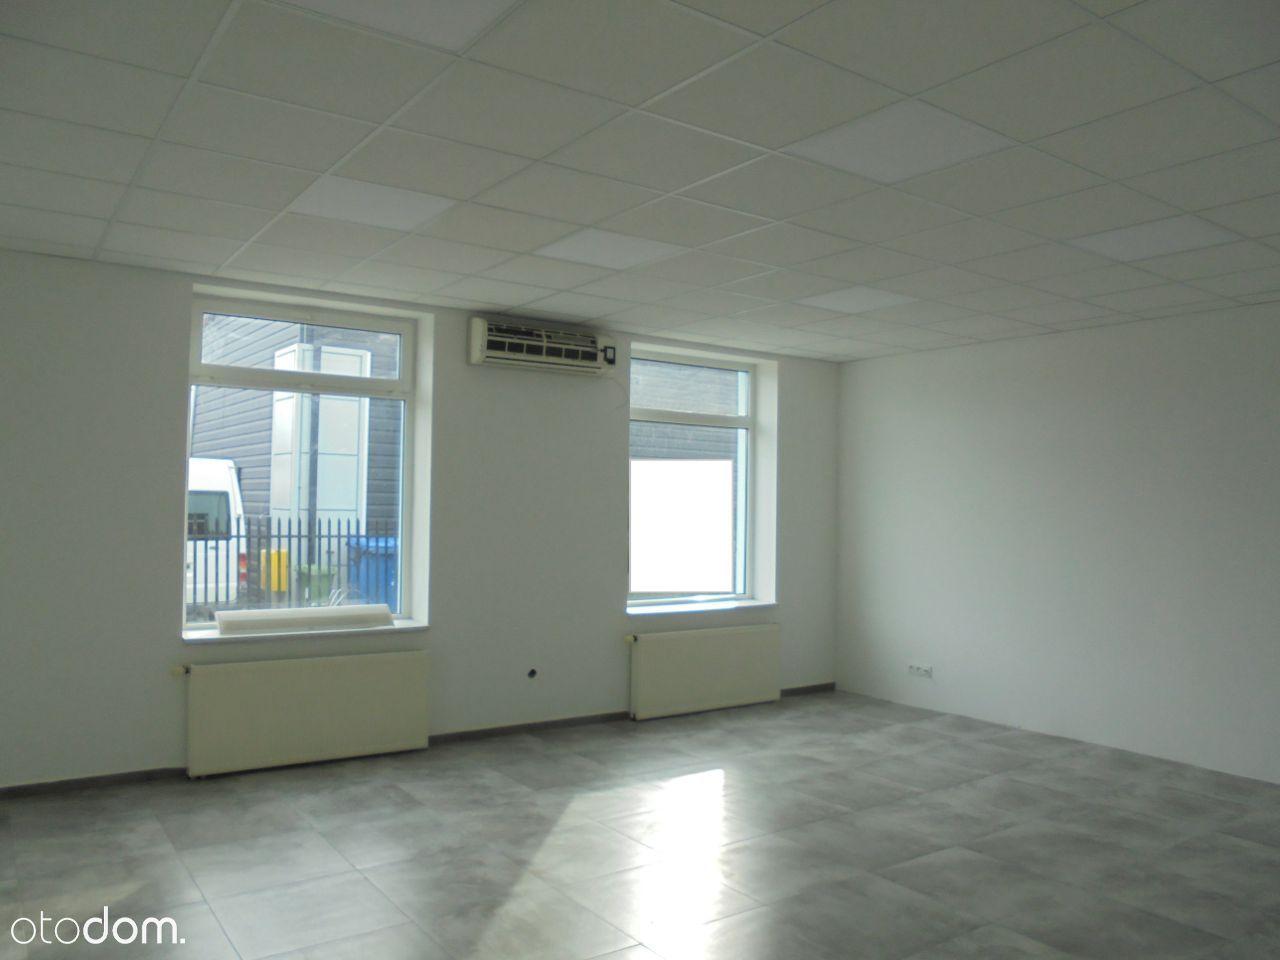 Lokal biurowo-usługowy 175m2 na parterze